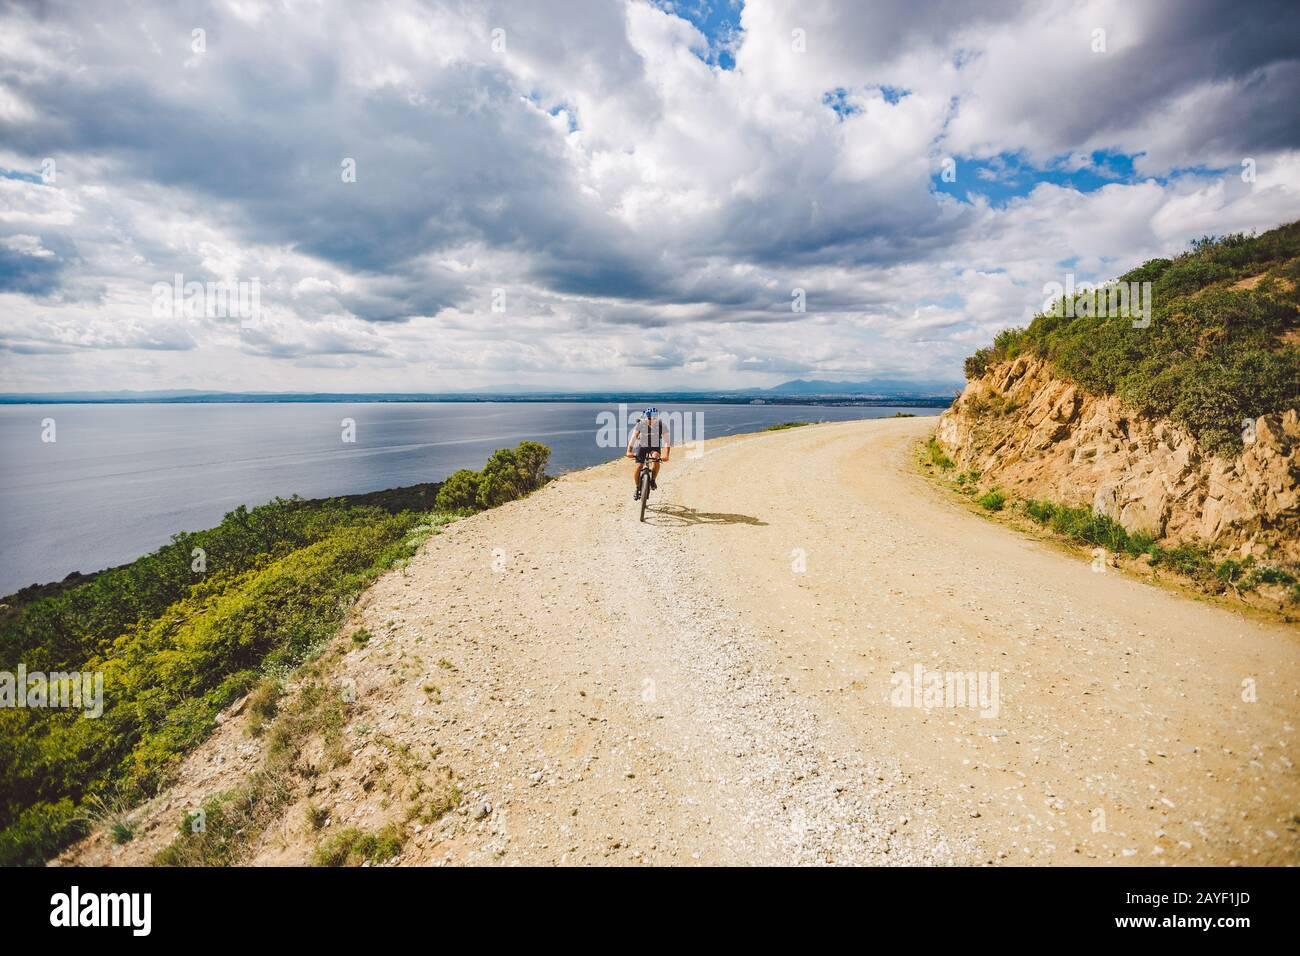 Jeune gars à vélo de montagne sur un parcours de vélo en Espagne. Athlète sur un vélo de montagne se déplace hors de la route sur le fond o Banque D'Images